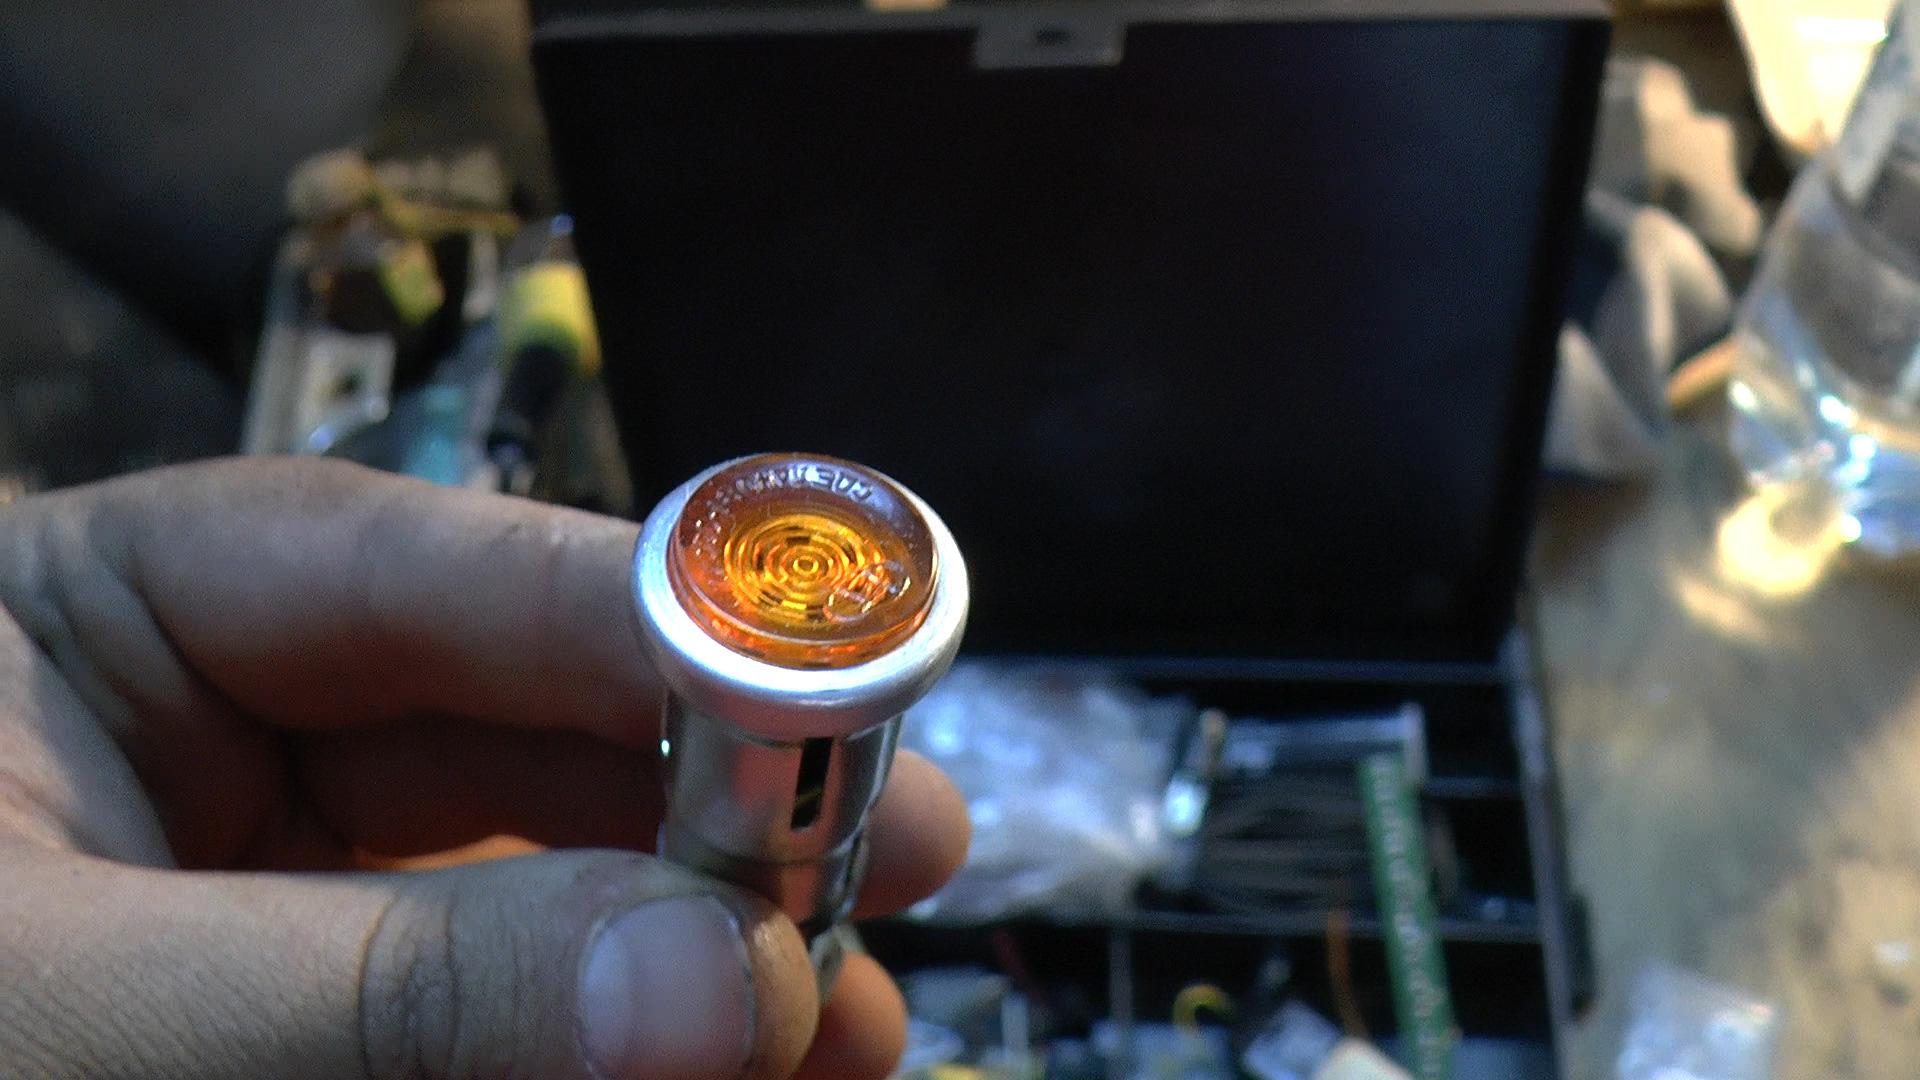 Вместо диодов, буду использовать вот такие индикаторные лампы, вернее патроны от них, светодиод я вставлю прямо в них внутрь. Просто в корпусе они уже не будут выдавливаться.